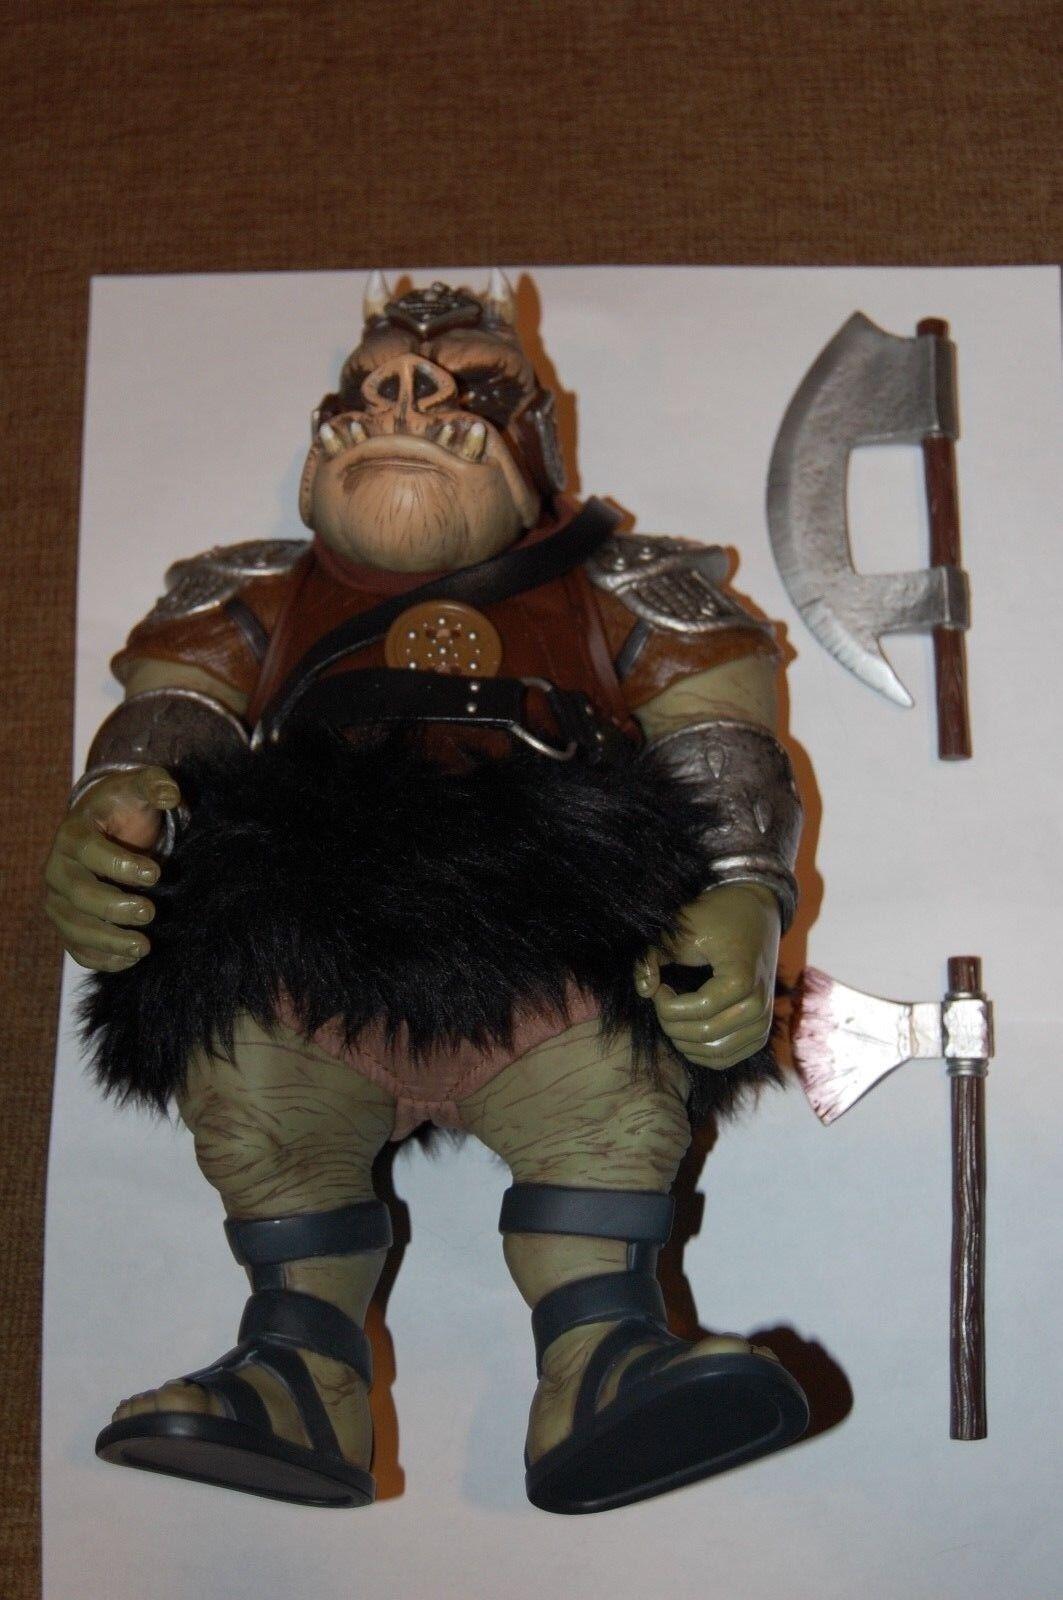 Gamorrean wache 12  - figur - star - wars - kenner 1   6. skala anpassen seite zeigen